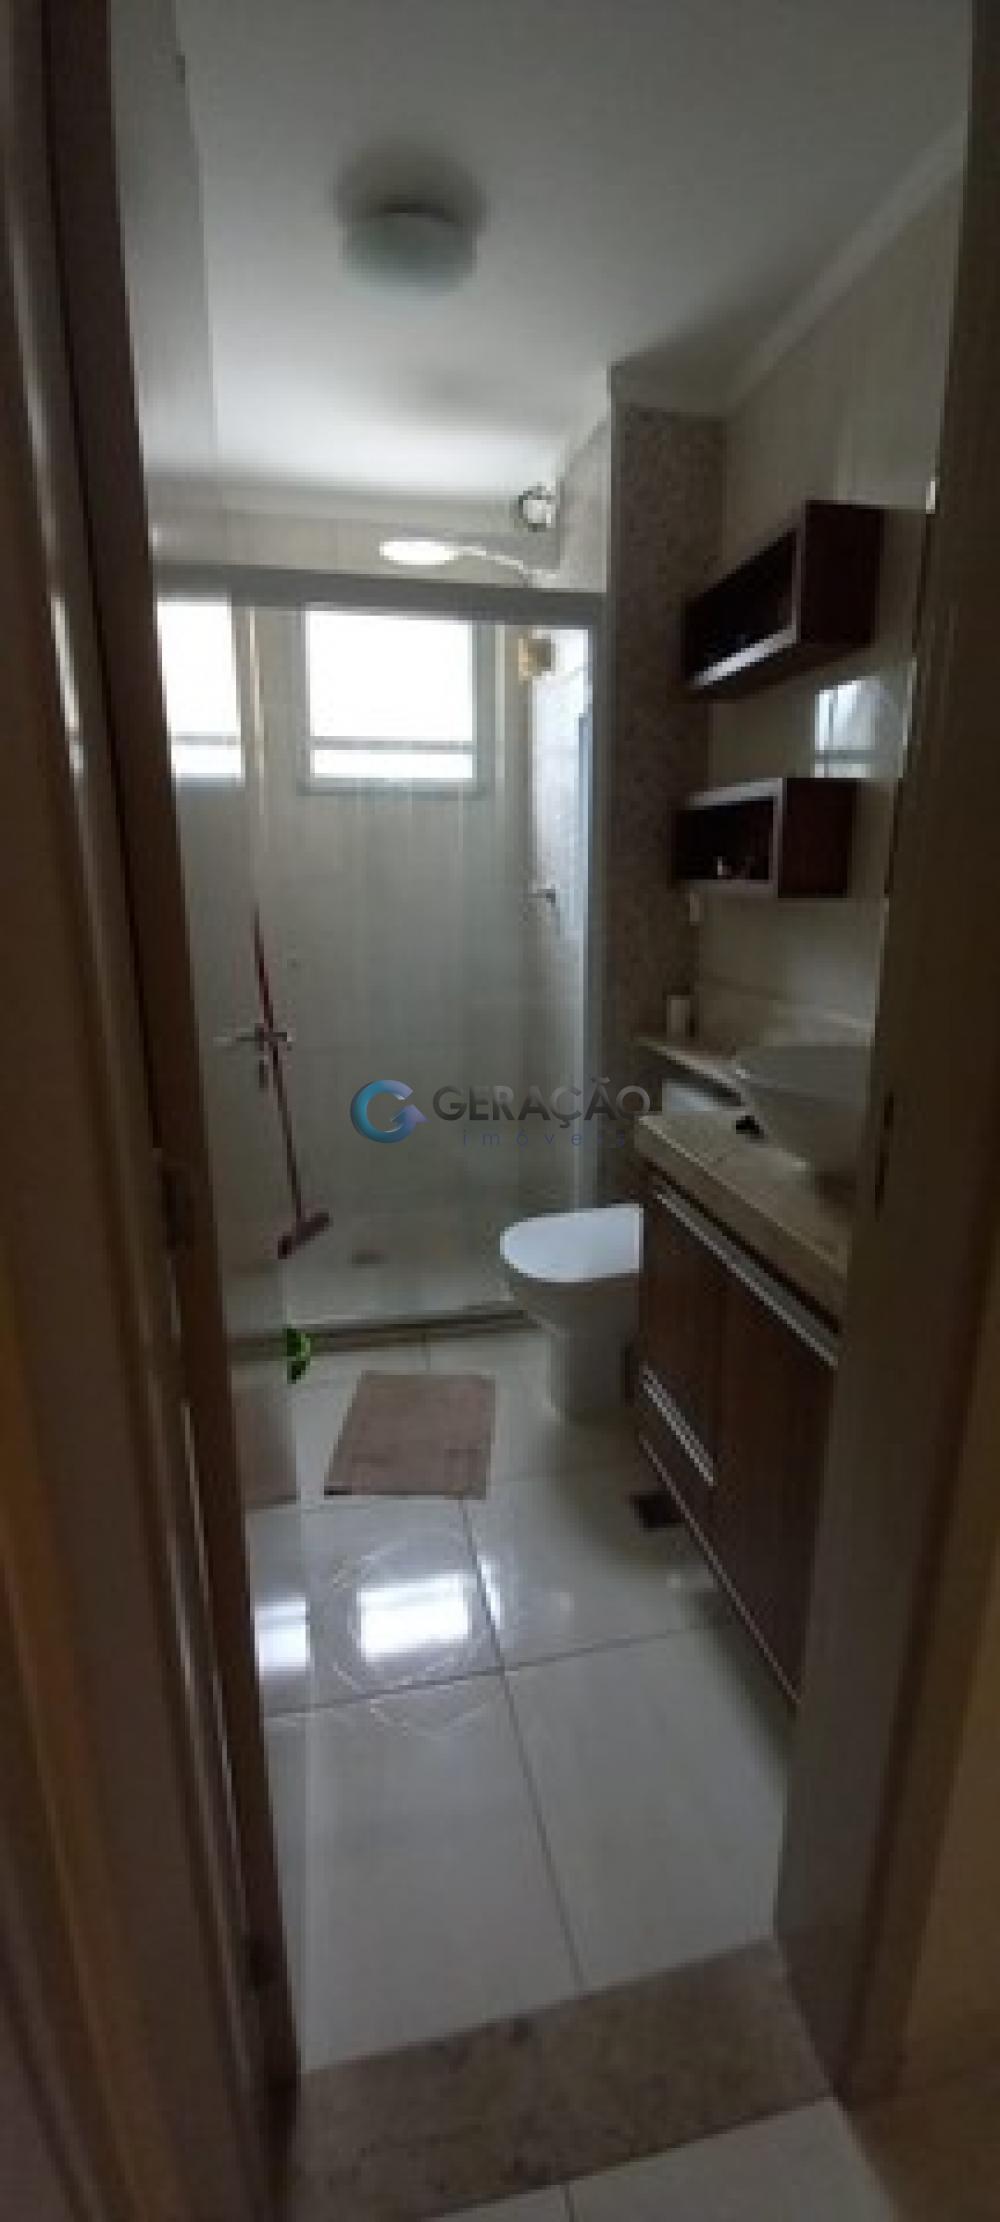 Comprar Apartamento / Padrão em São José dos Campos R$ 256.000,00 - Foto 20